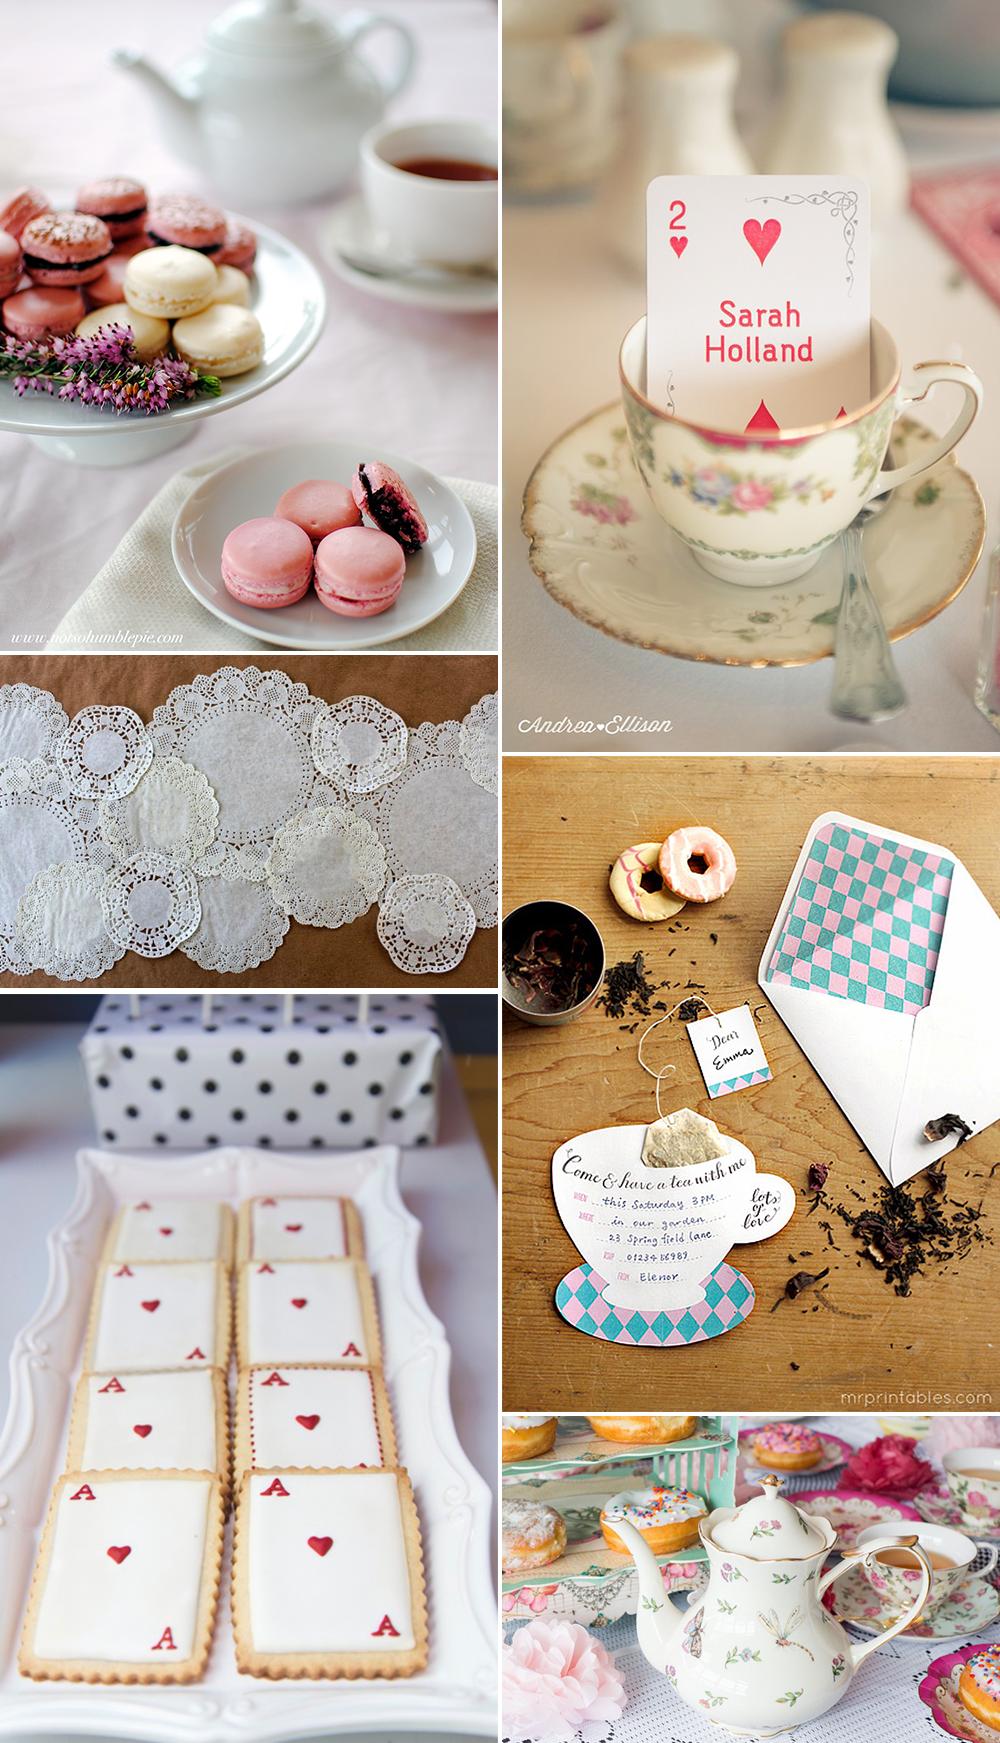 Rezepte und Dekorationen für eine Tea Party | we love handmade